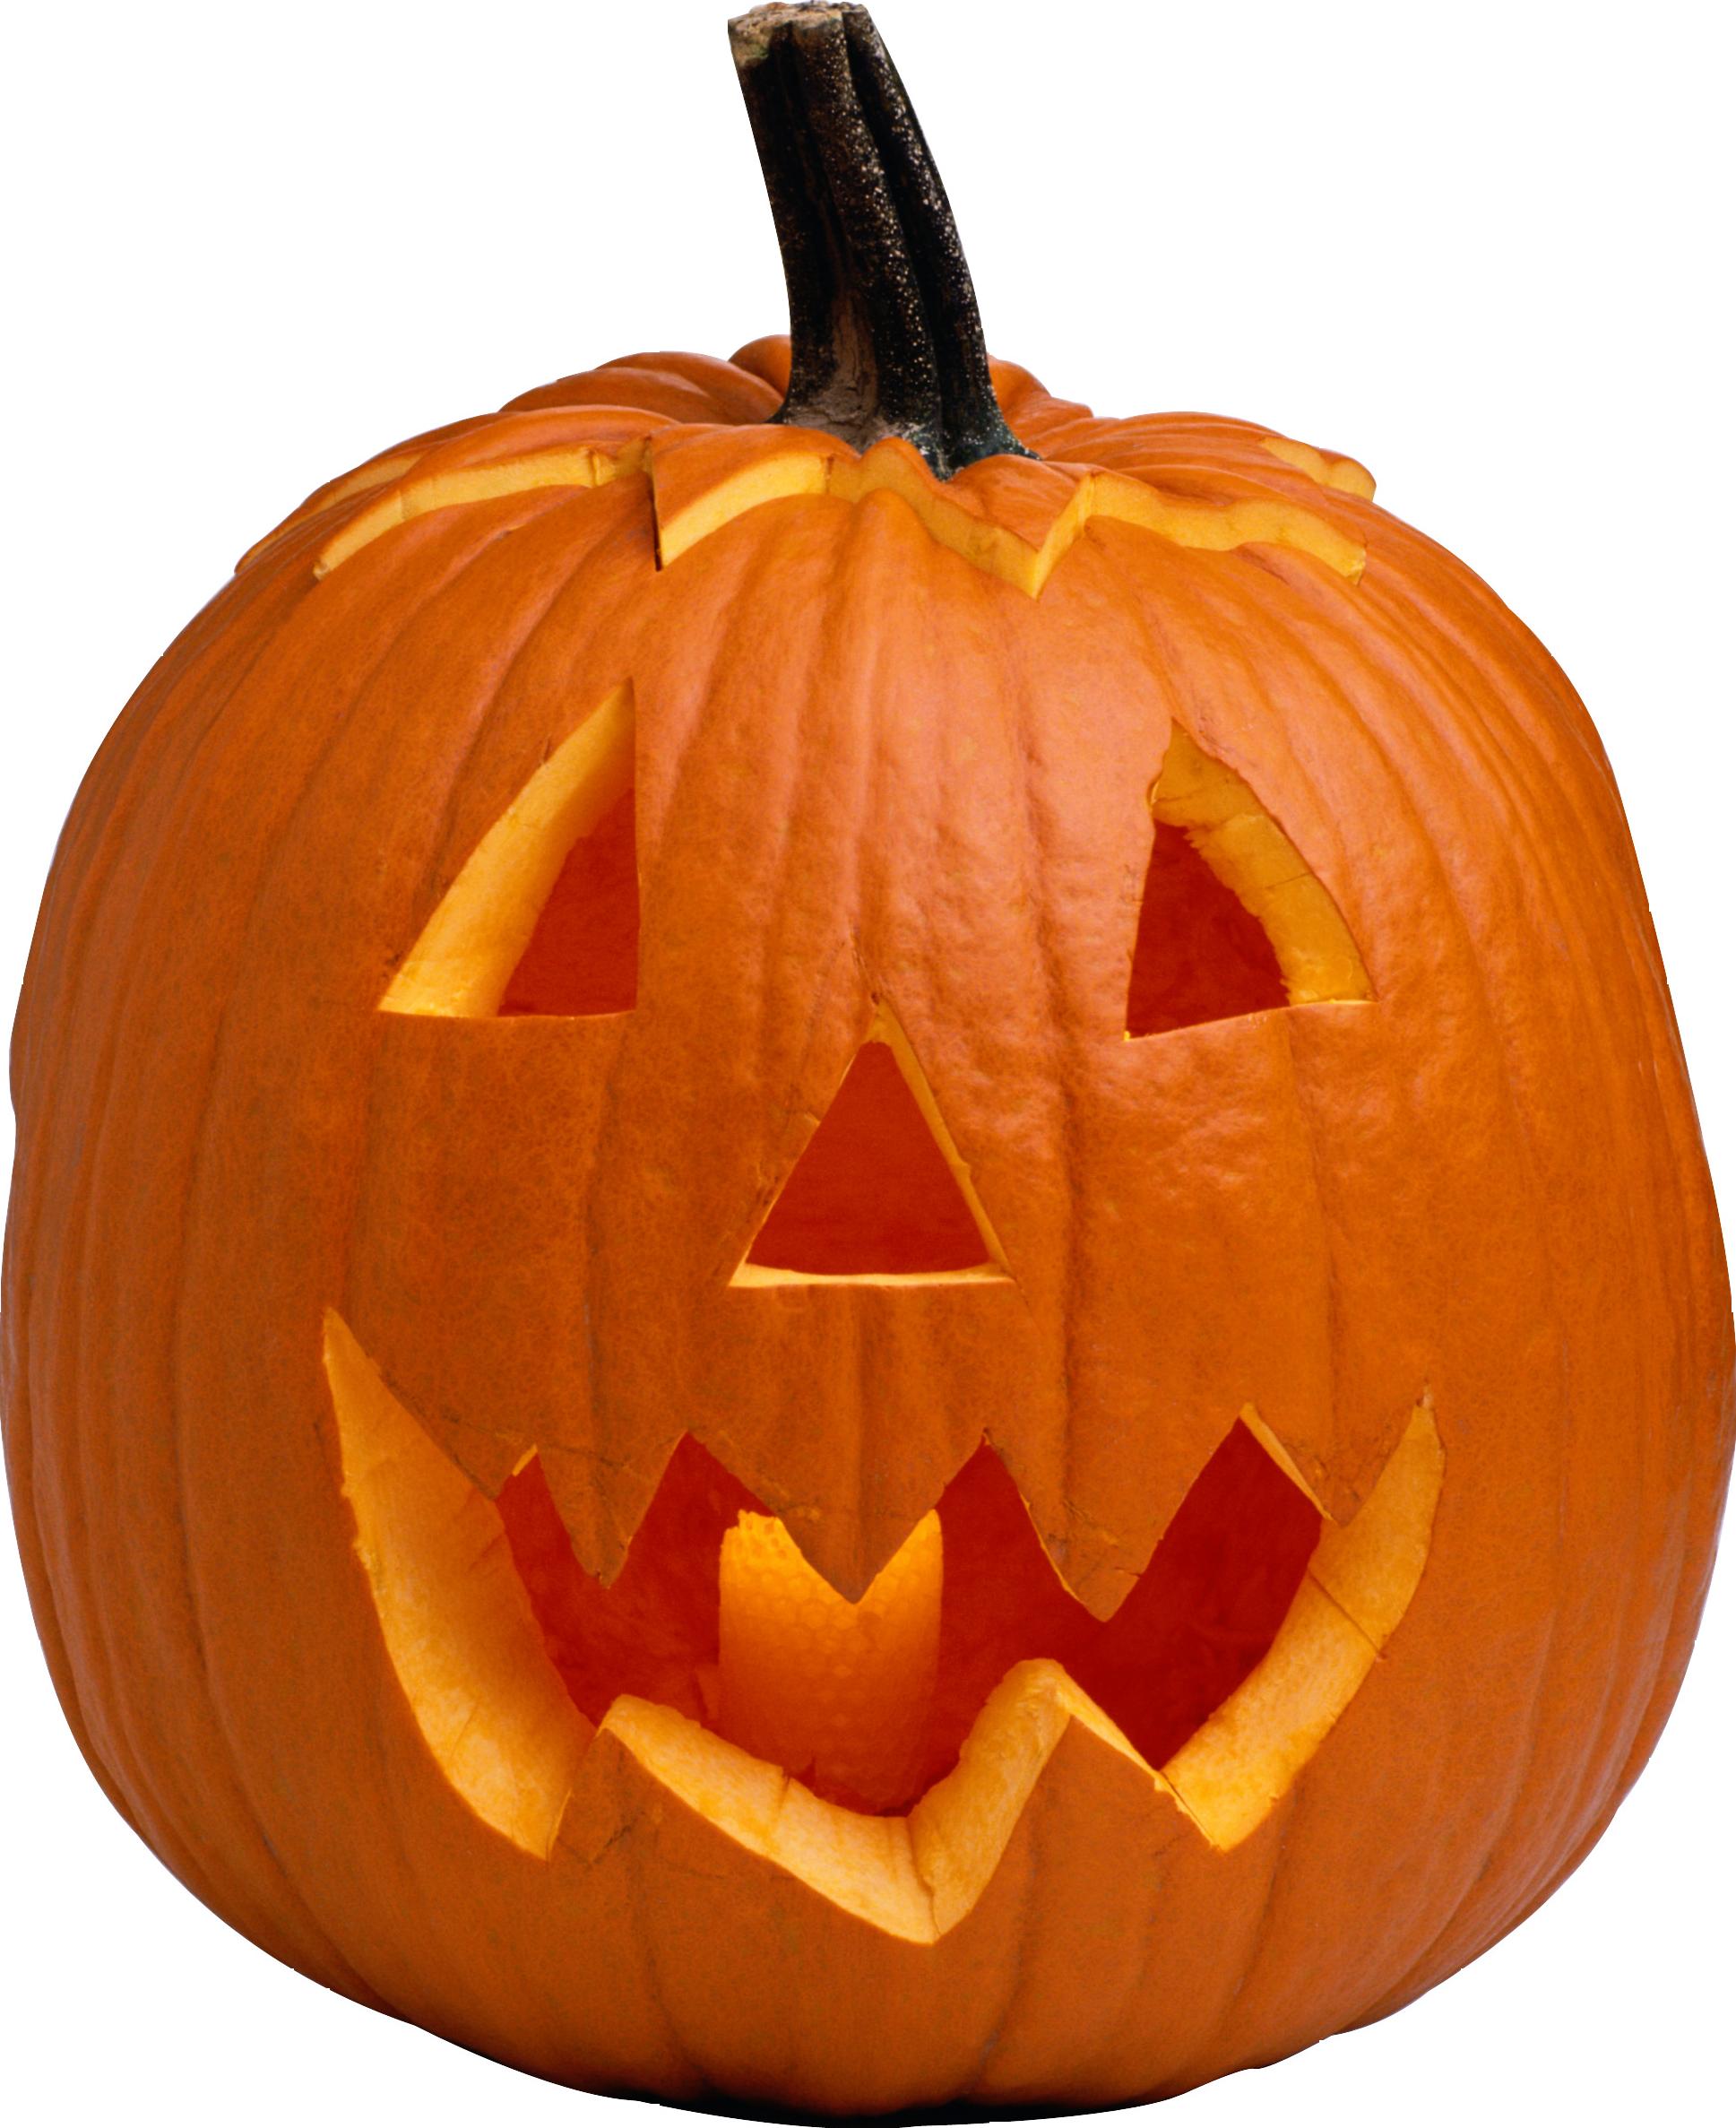 Png images free download. Pumpkin clipart pumpkin decorating